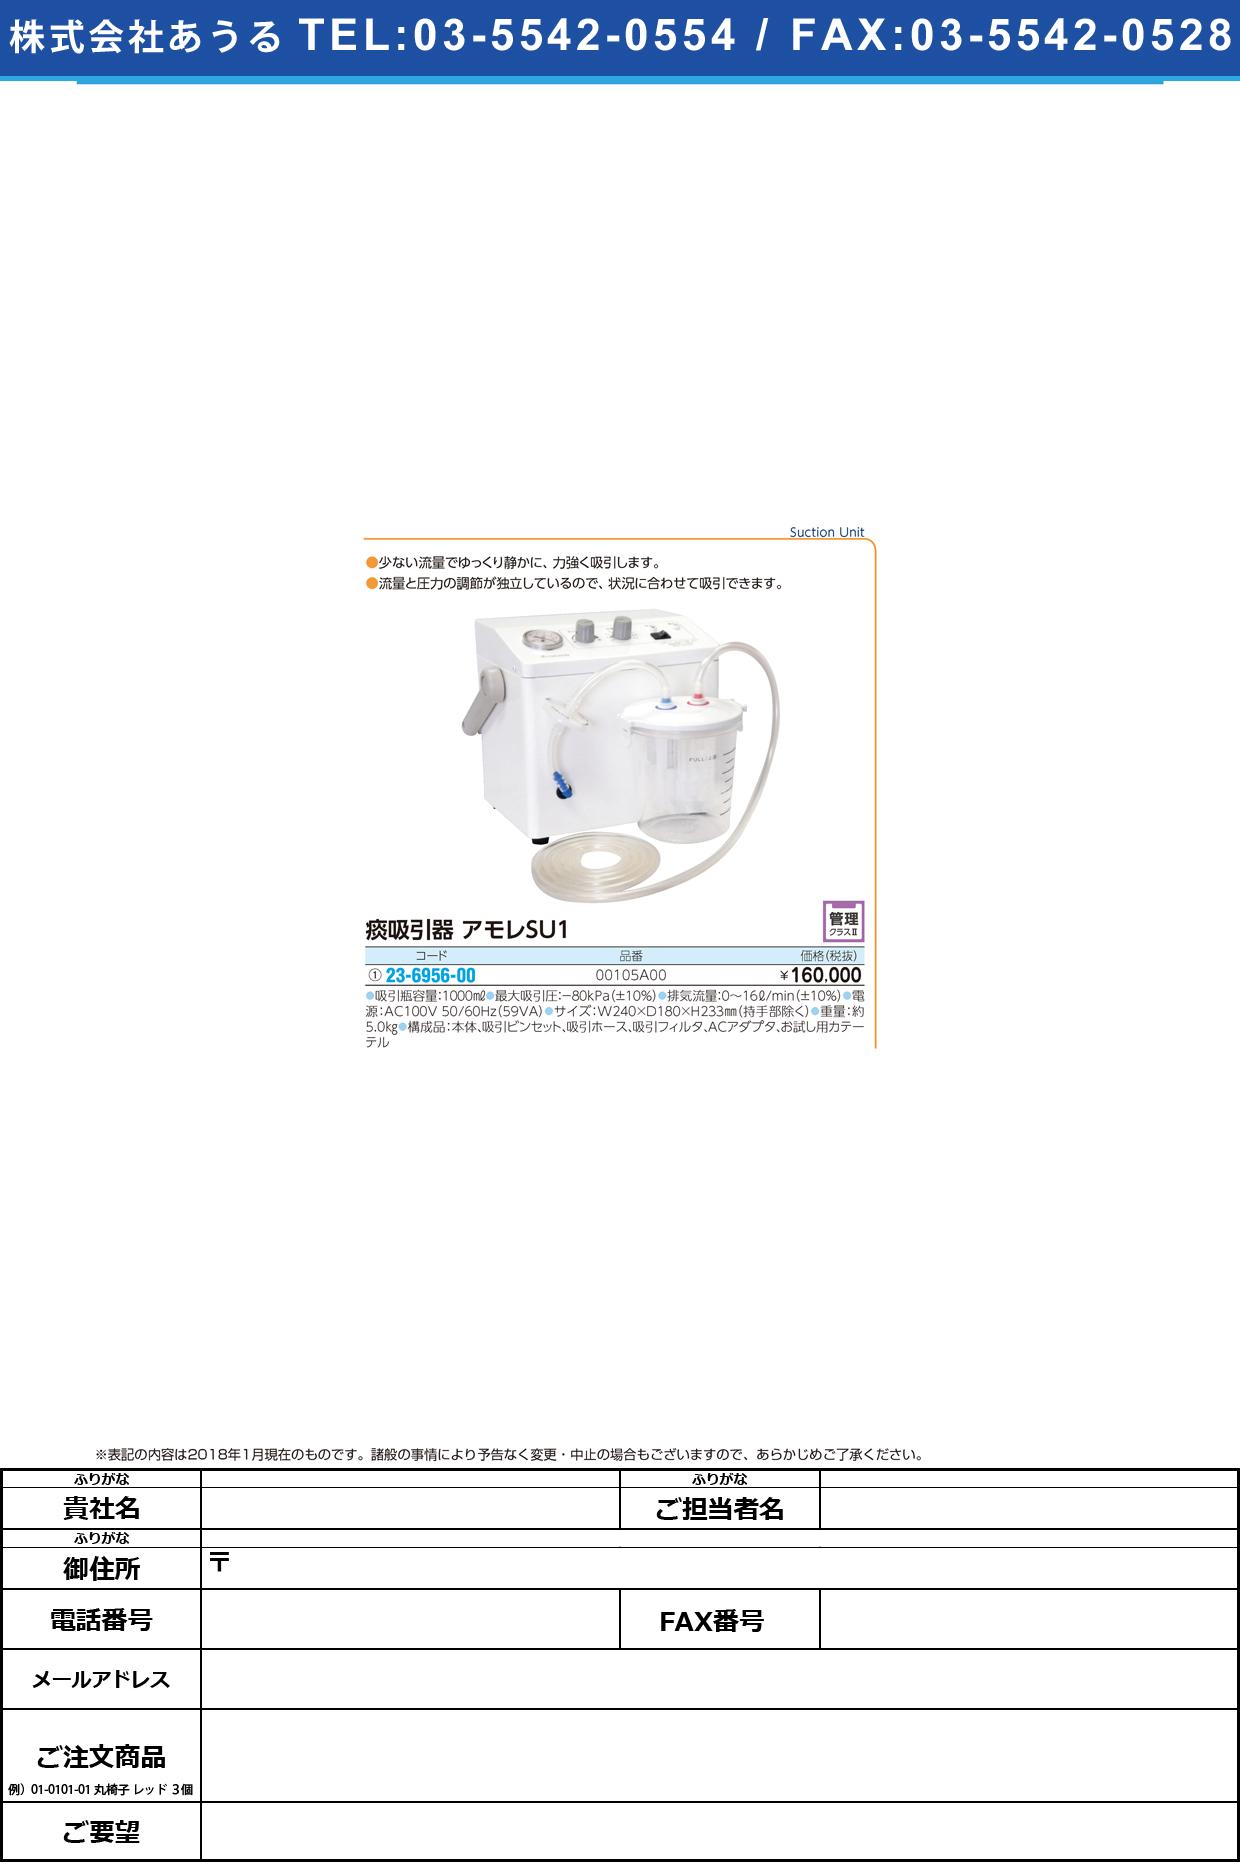 (23-6956-00)たん吸引器アモレSU1 00105A00 タンキュウインキアモレSU1【1台単位】【2018年カタログ商品】